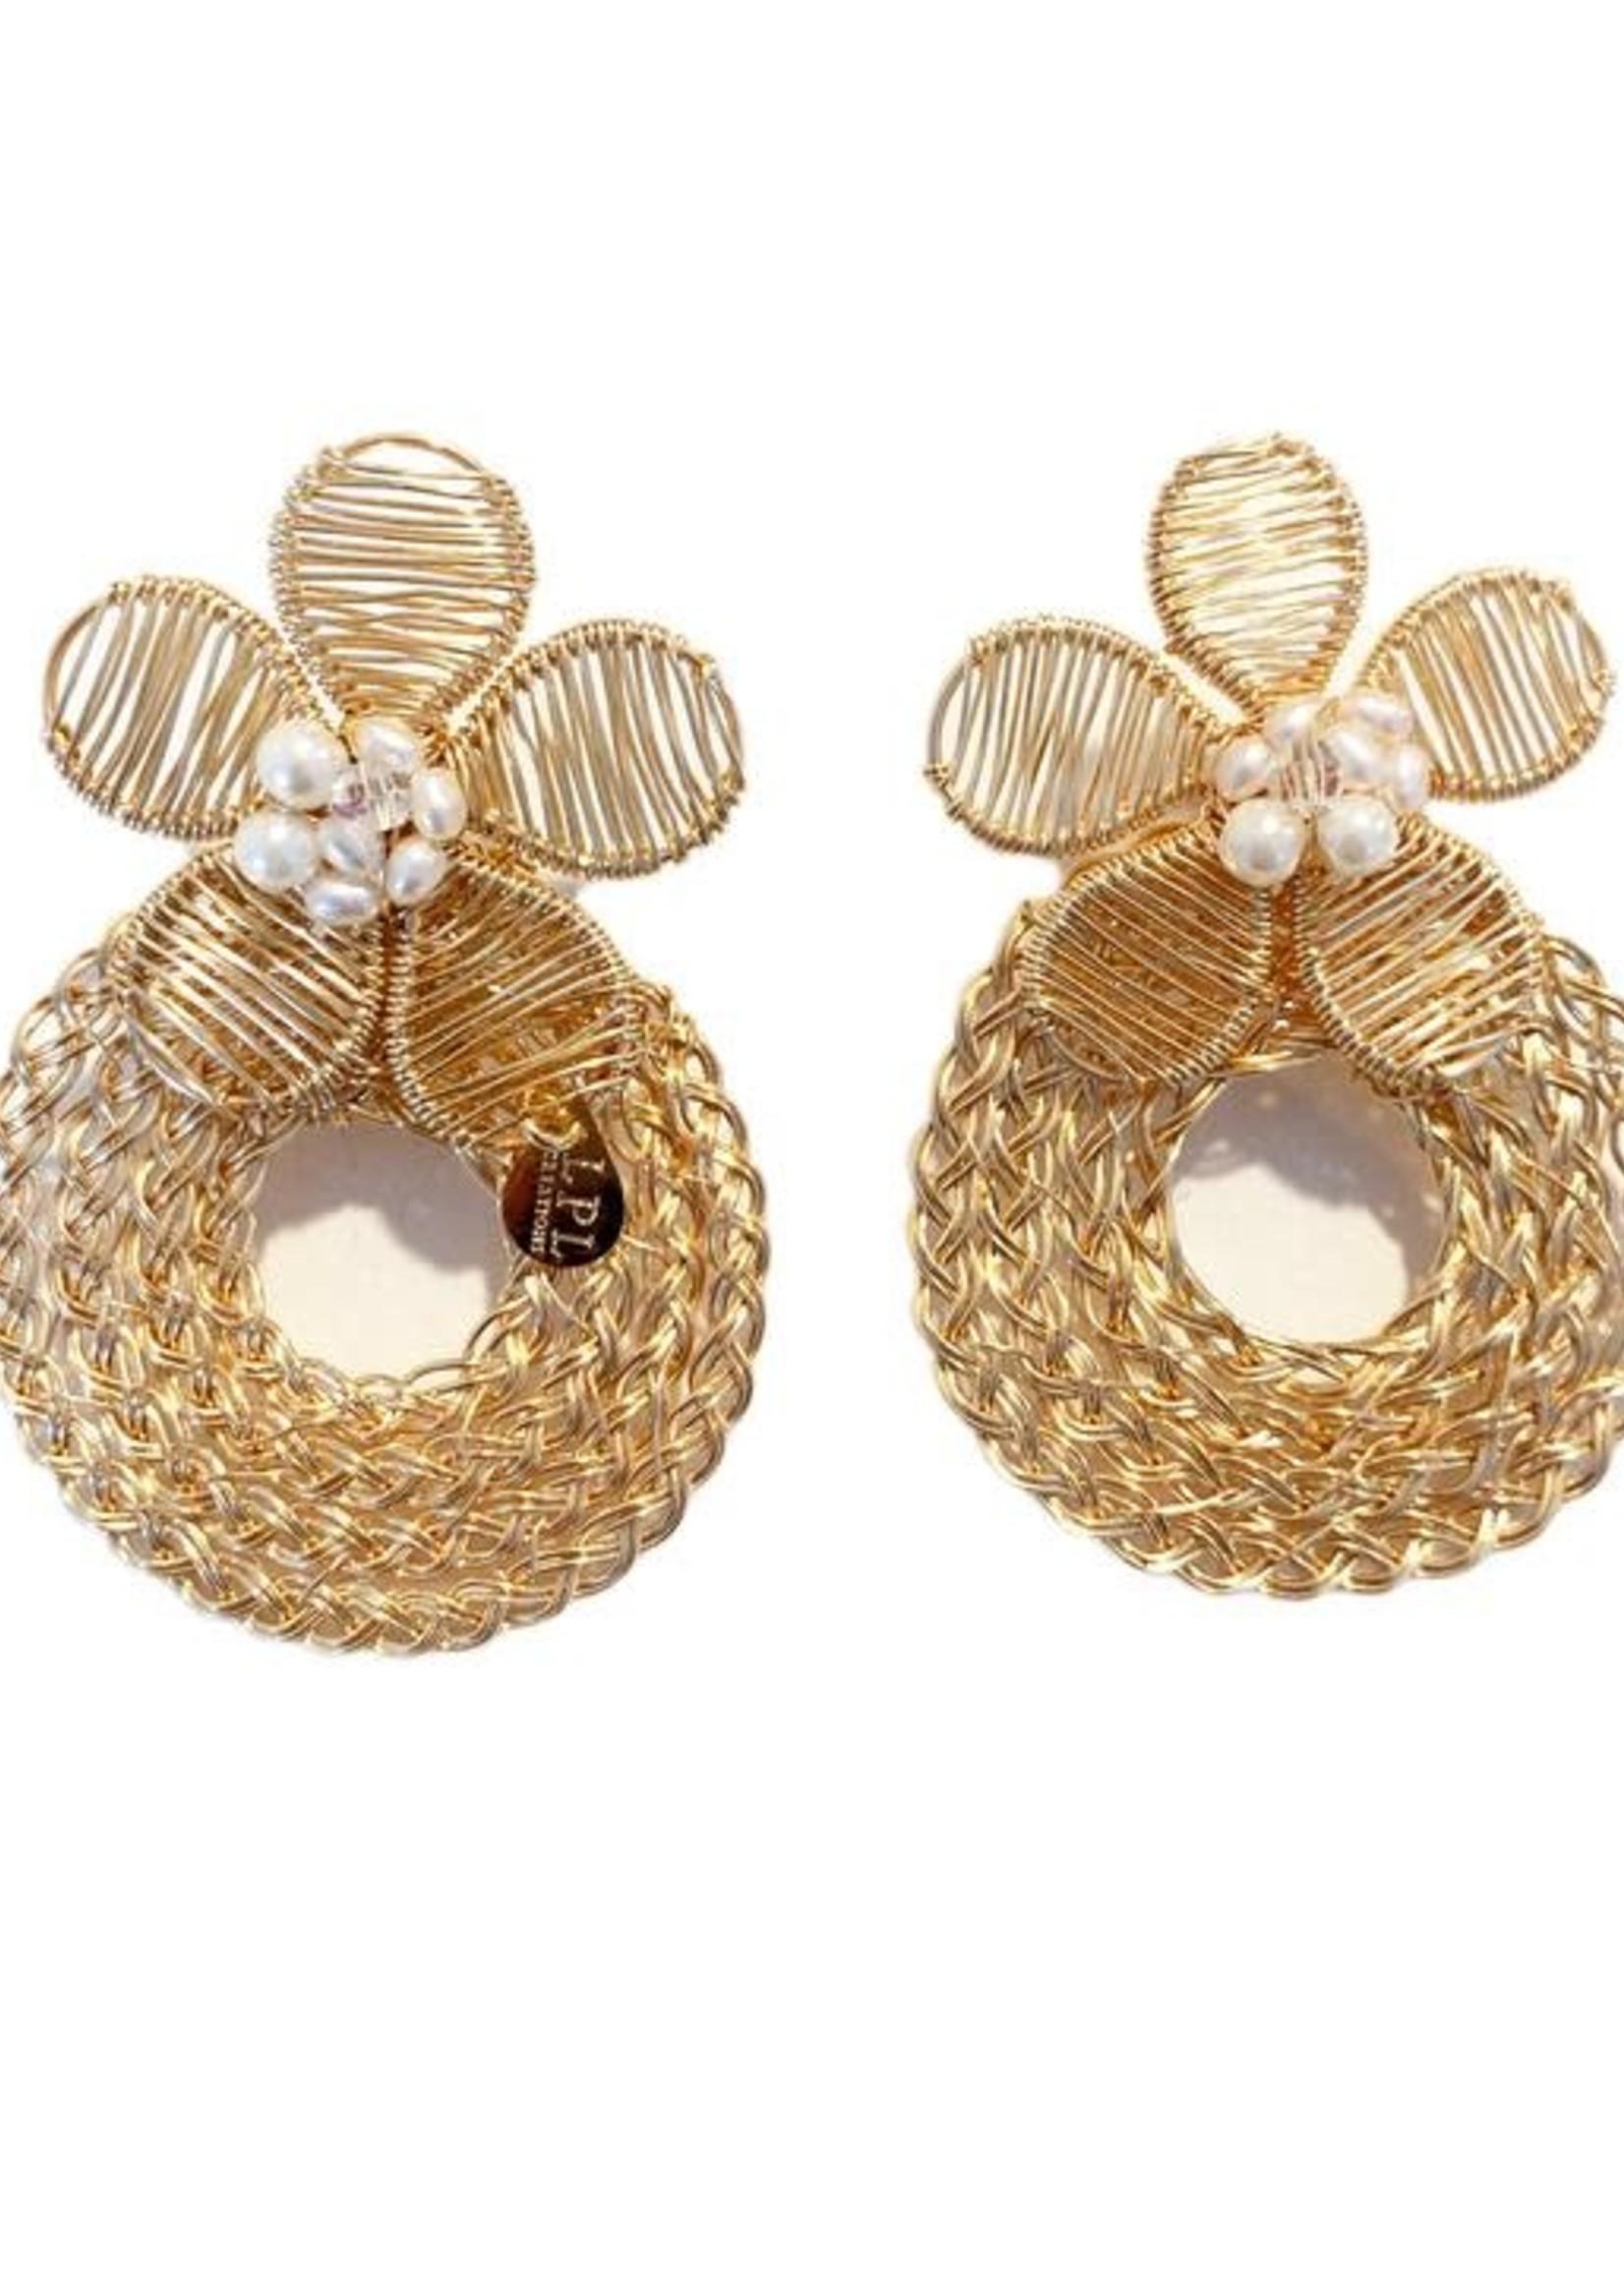 LPL Creations Simi Earrings in Floral Pearl